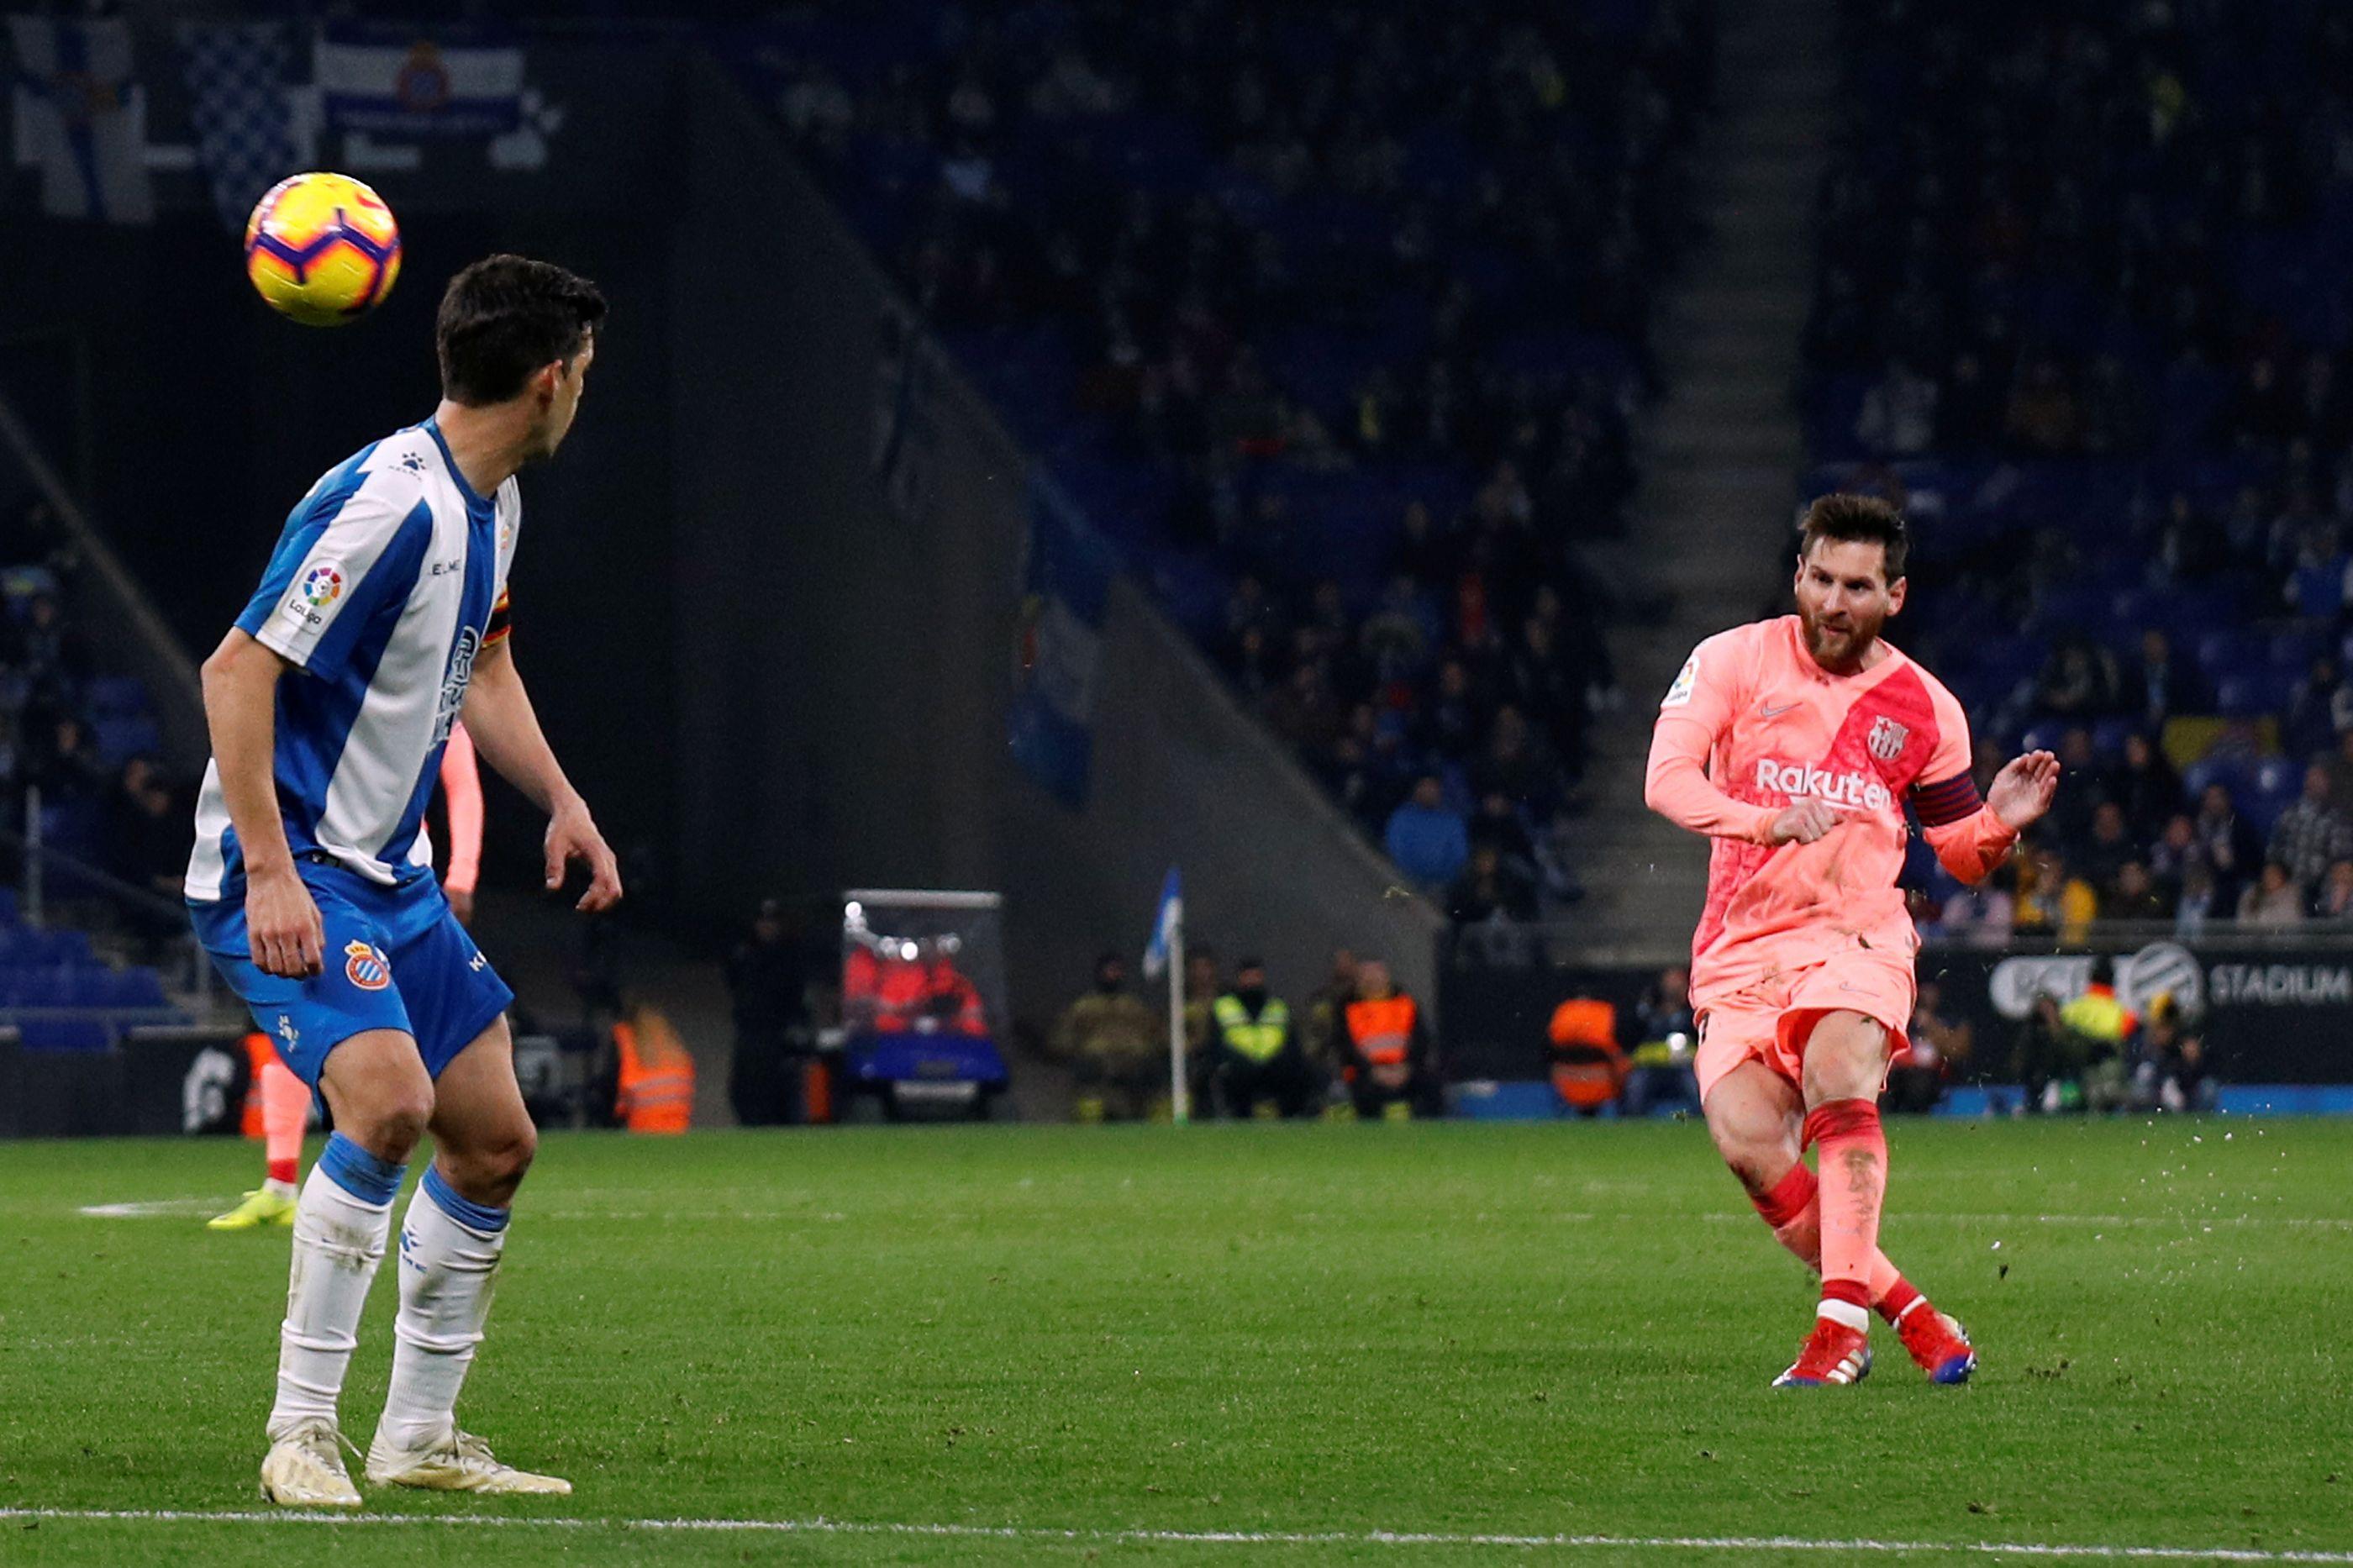 Barcelona vence dérbi com o Espanyol e reforça liderança em Espanha